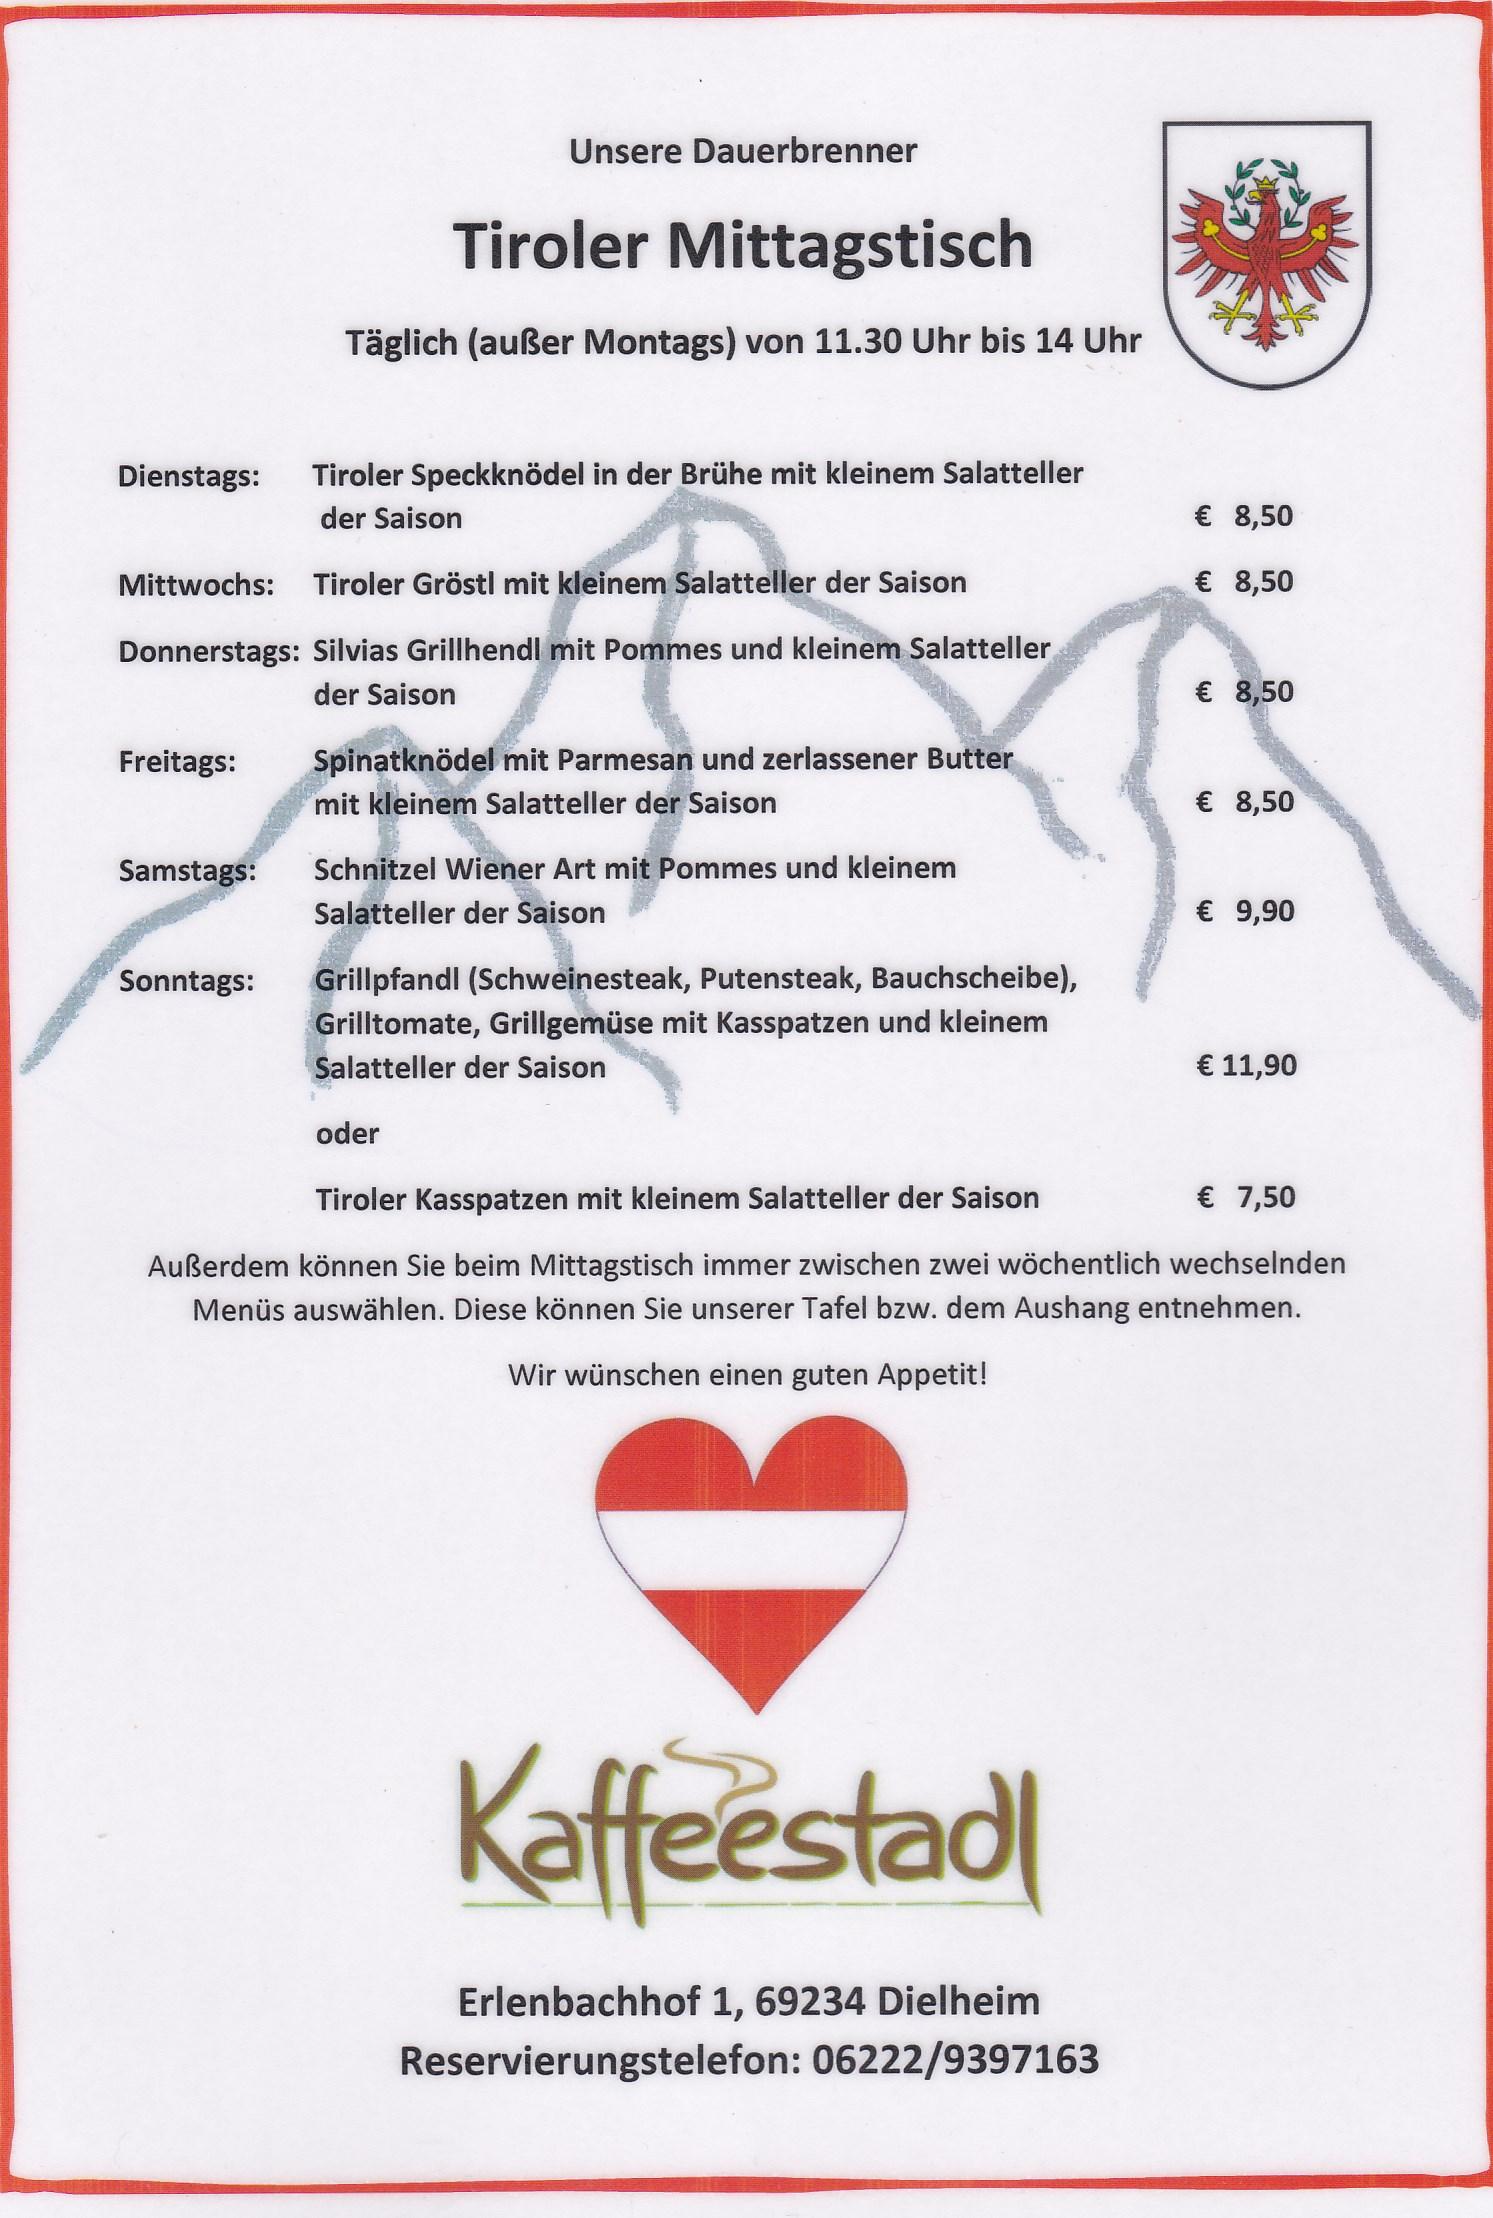 Täglich TIROLER Mittagstisch von 11.30 Uhr bis 14 Uhr Freudensprung Dielheim, Kaffeestadl, Mittagessen, Obstbau, Direktvermarkter, Frisch vom Landwirt, Selbsterzeuger, Kraichgau, frische Eier, Dielheim Eier, Kraichgau Eier, TVüberregional, Döll Oliver Zeitung, Tanja Freudensprung, Uwe Freudensprung